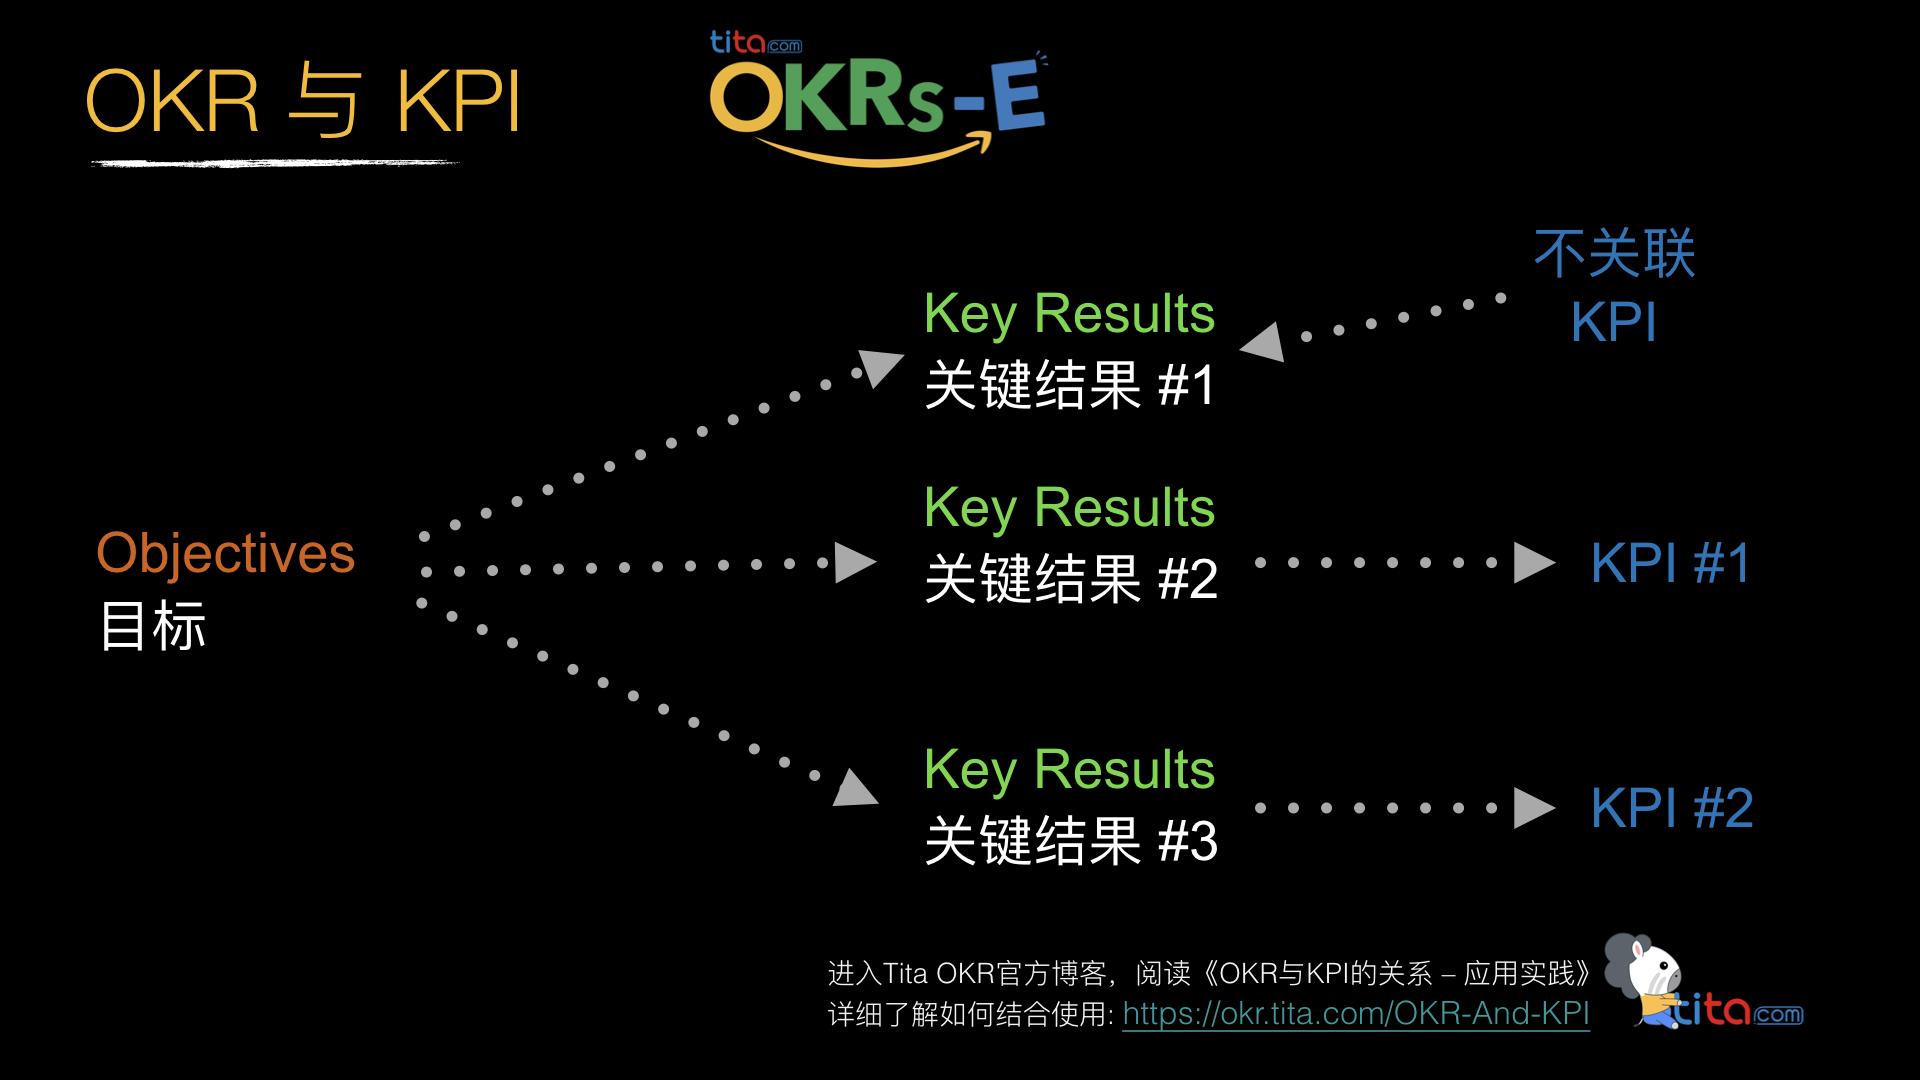 公司同时使用目标和关键结果(OKR)和关键绩效指标(KPI)的用例是什么?